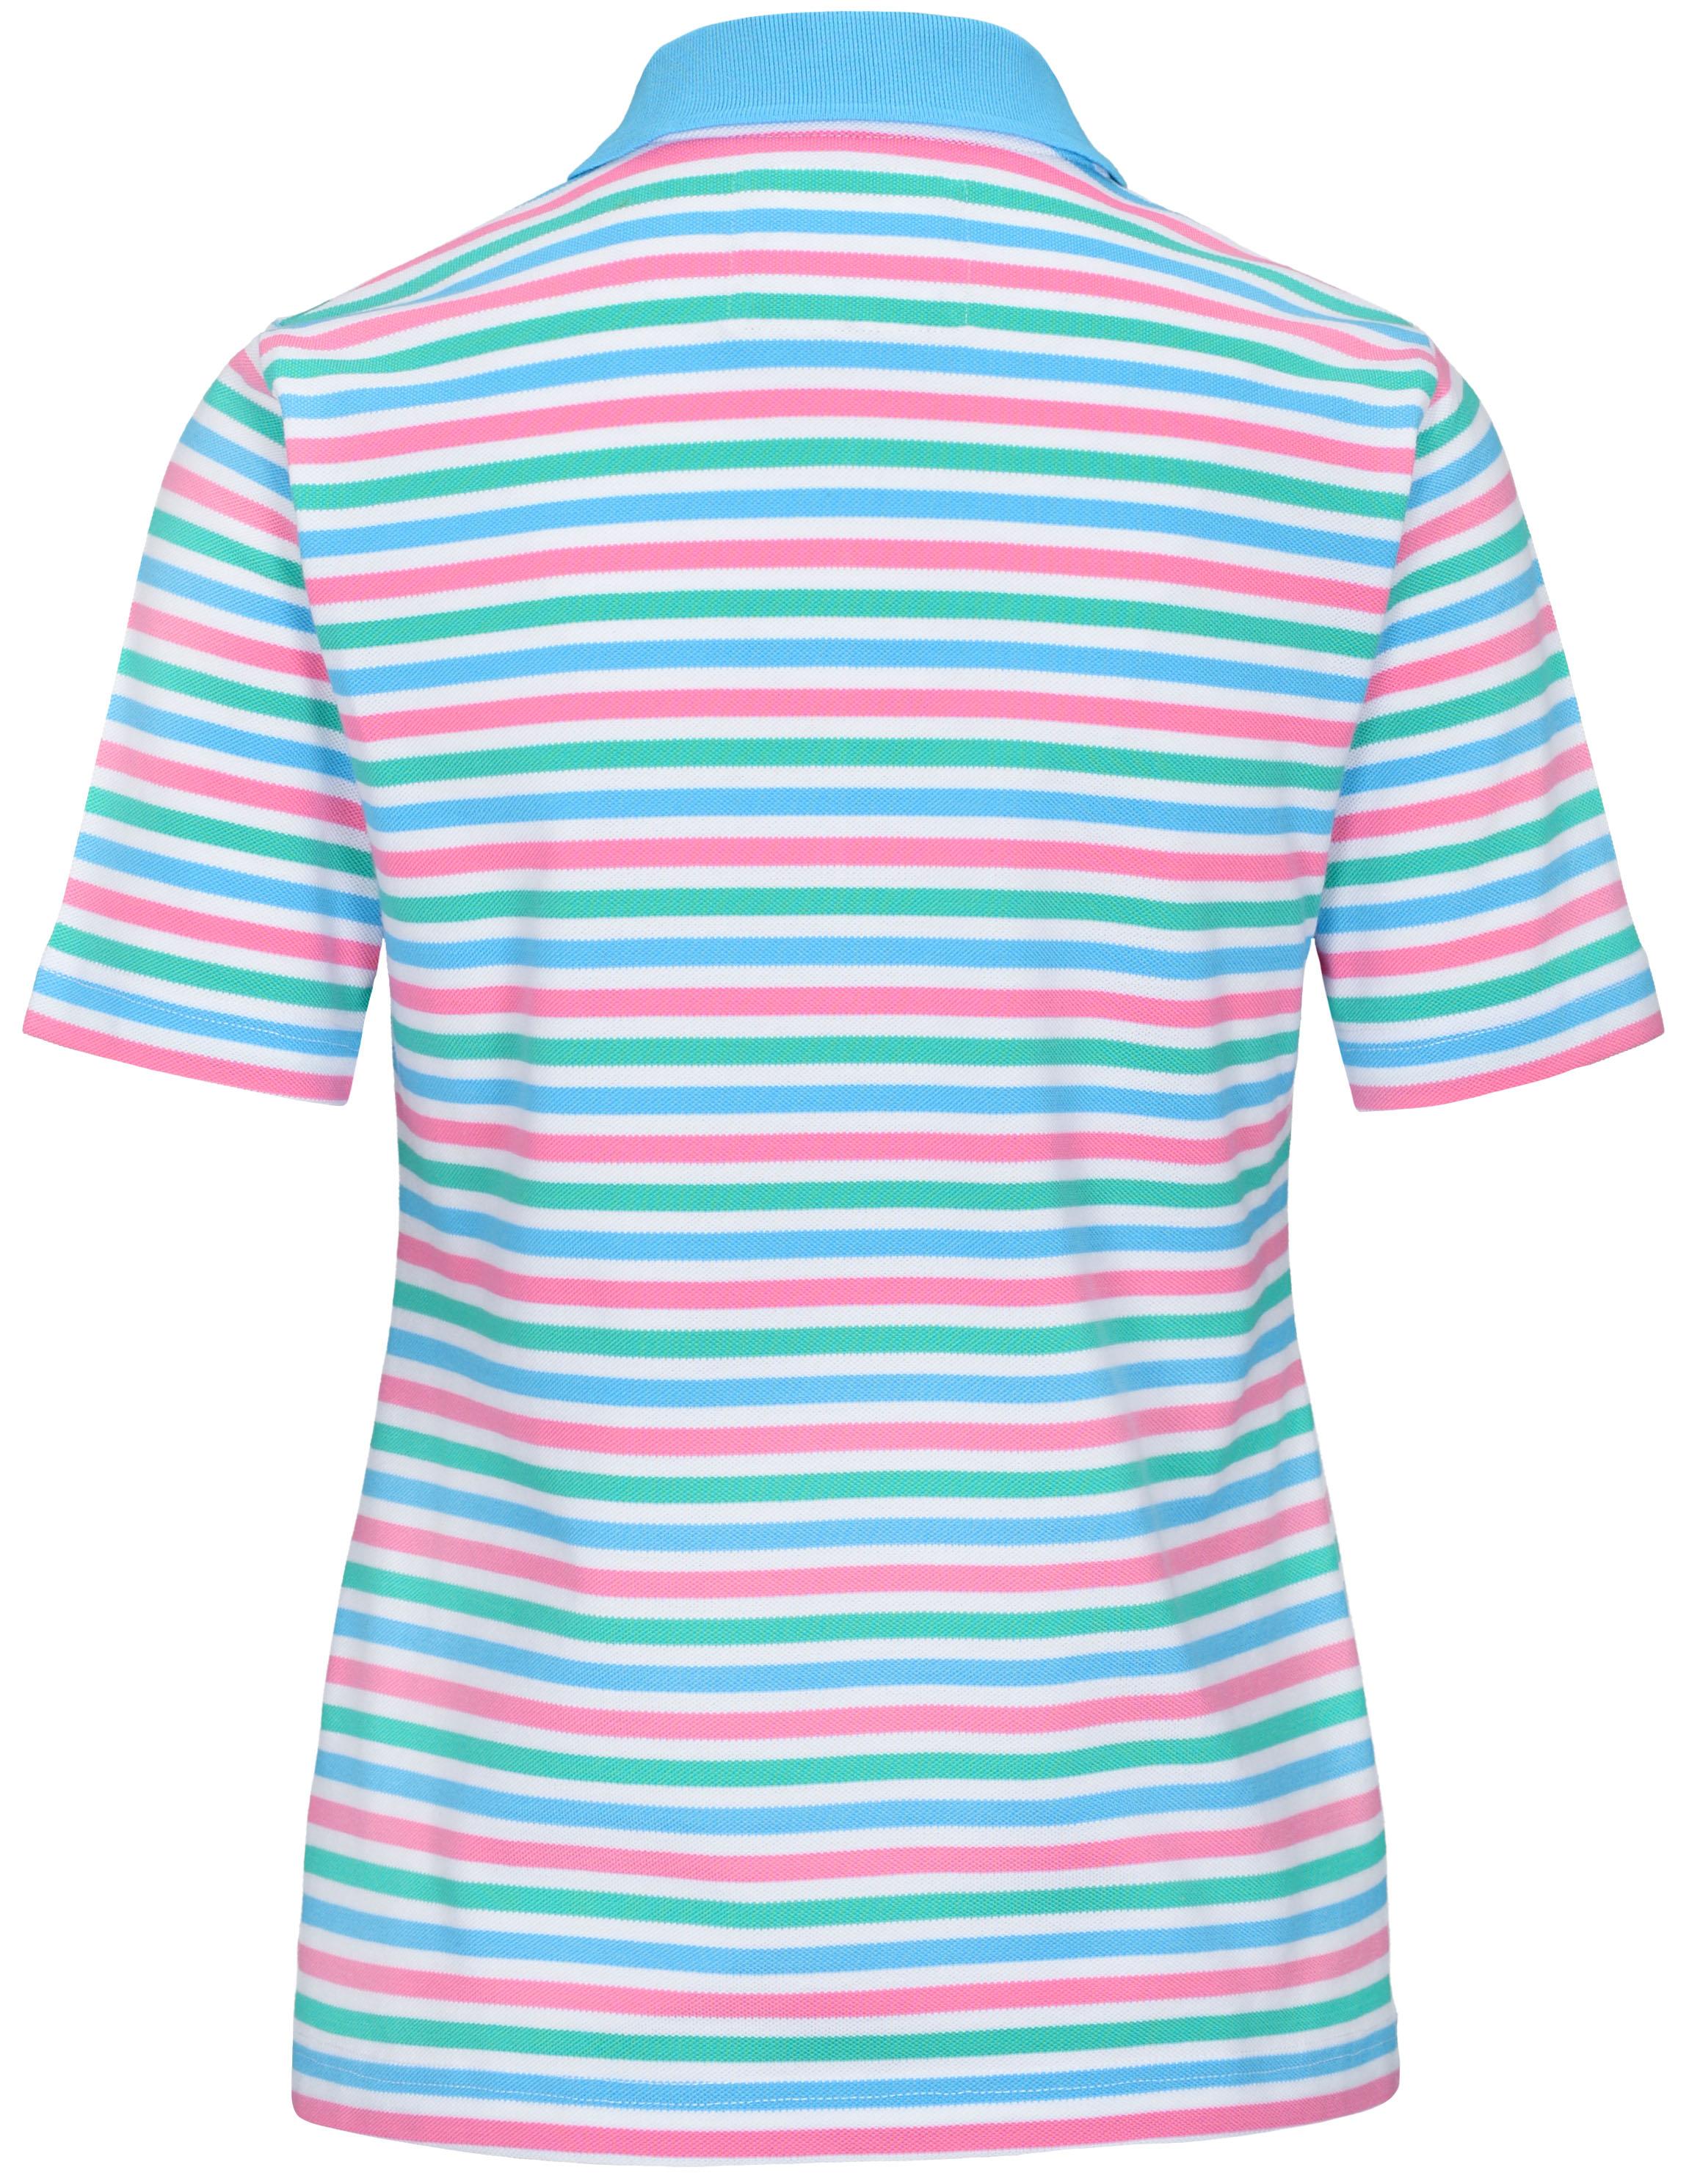 Aruba Combo Streifen Staccato Damen CLARINA Basic Poloshirt Pique 227103999